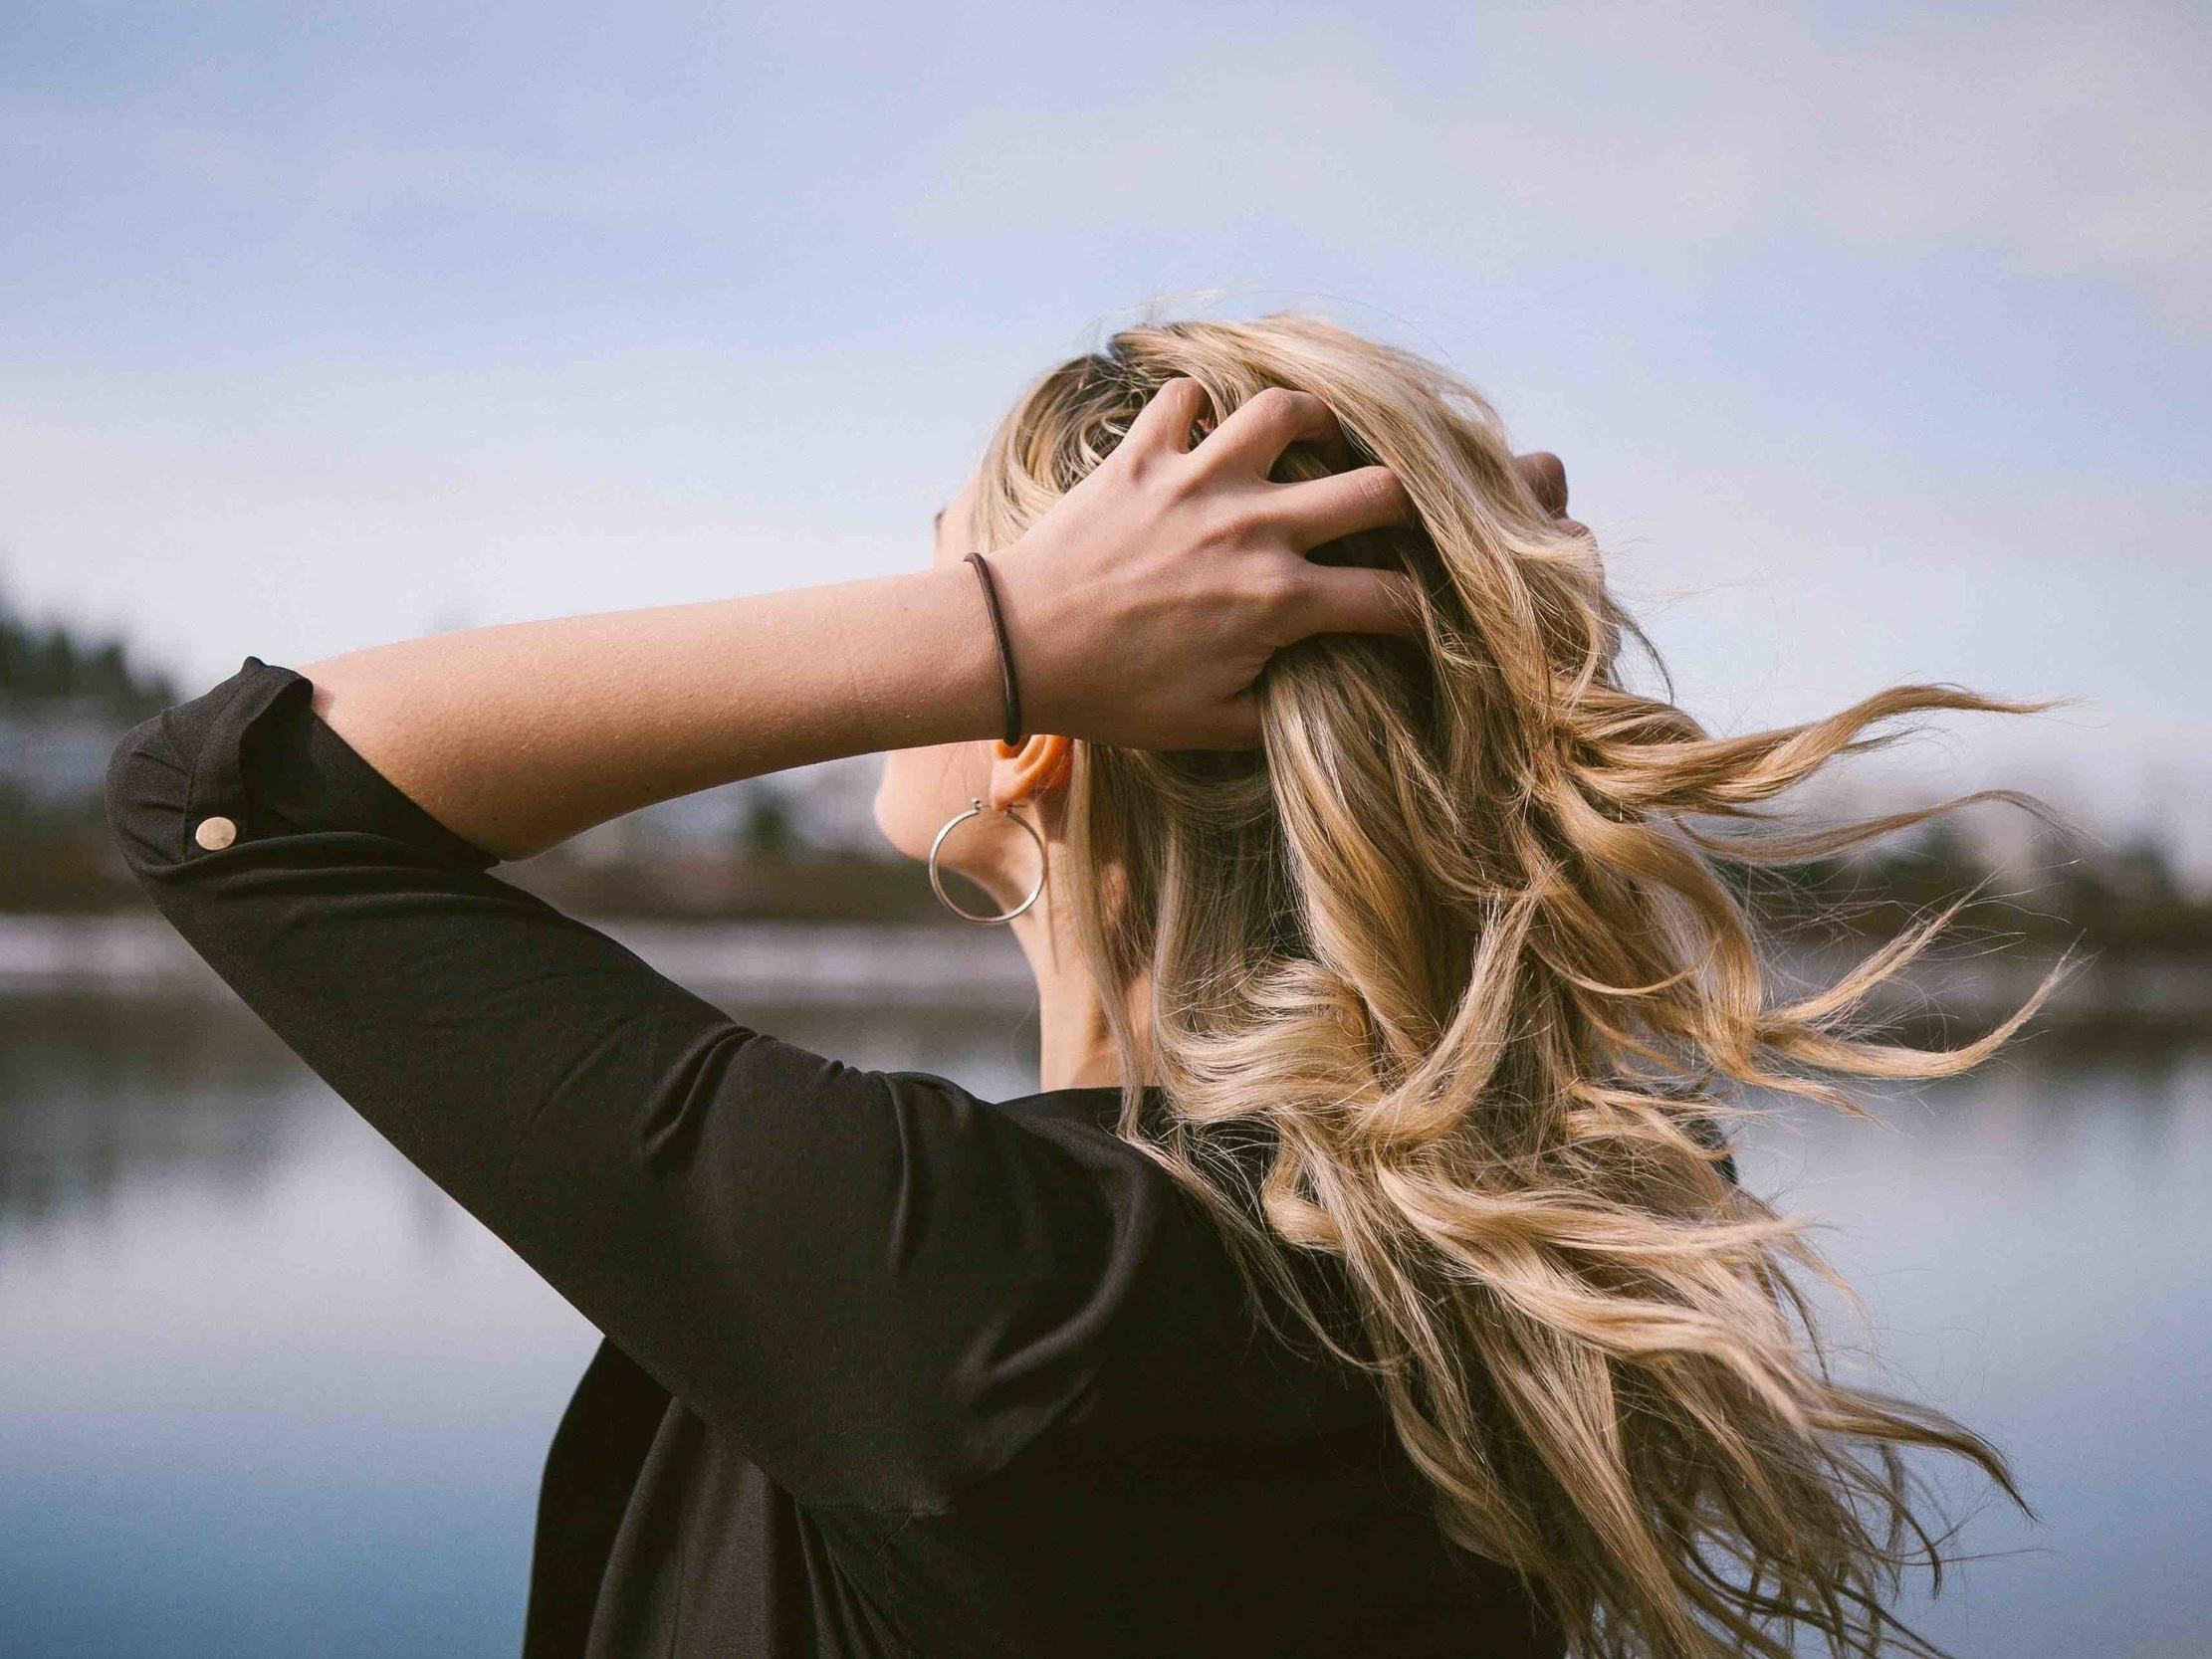 I capelli grassi - Sono la conseguenza di un'eccessiva produzione e/o fluidificazione del sebo. Il modo migliore per trattare il capello grasso è lavarlo con lo shampoo adatto.